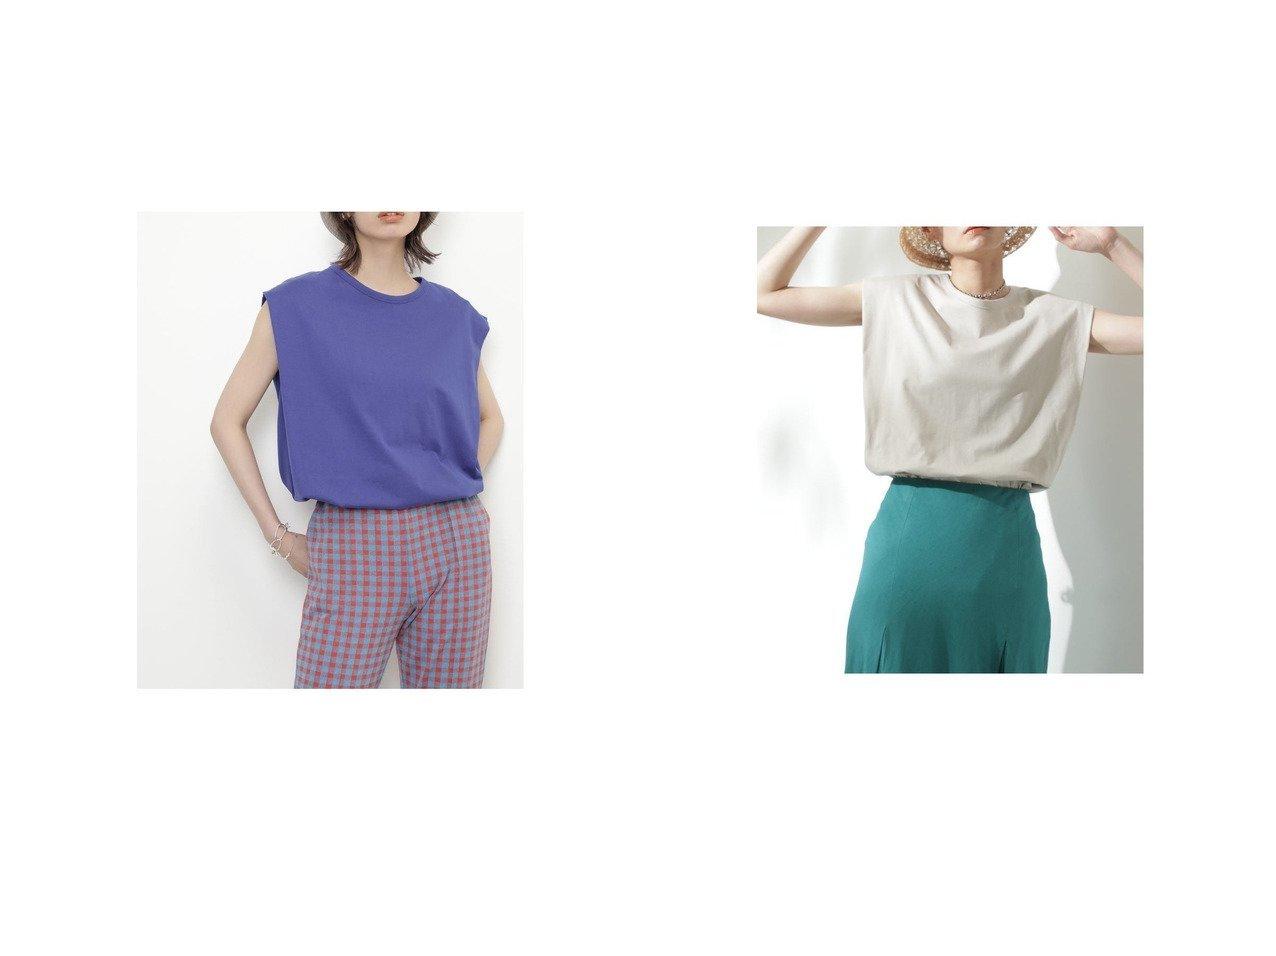 【ROSE BUD/ローズバッド】の肩タックノースリーブカットソー おすすめ!人気、トレンド・レディースファッションの通販  おすすめで人気の流行・トレンド、ファッションの通販商品 インテリア・家具・メンズファッション・キッズファッション・レディースファッション・服の通販 founy(ファニー) https://founy.com/ ファッション Fashion レディースファッション WOMEN トップス・カットソー Tops/Tshirt キャミソール / ノースリーブ No Sleeves カットソー Cut and Sewn 2021年 2021 2021-2022秋冬・A/W AW・Autumn/Winter・FW・Fall-Winter・2021-2022 A/W・秋冬 AW・Autumn/Winter・FW・Fall-Winter おすすめ Recommend カットソー シンプル スリット ベーシック ボックス |ID:crp329100000062208